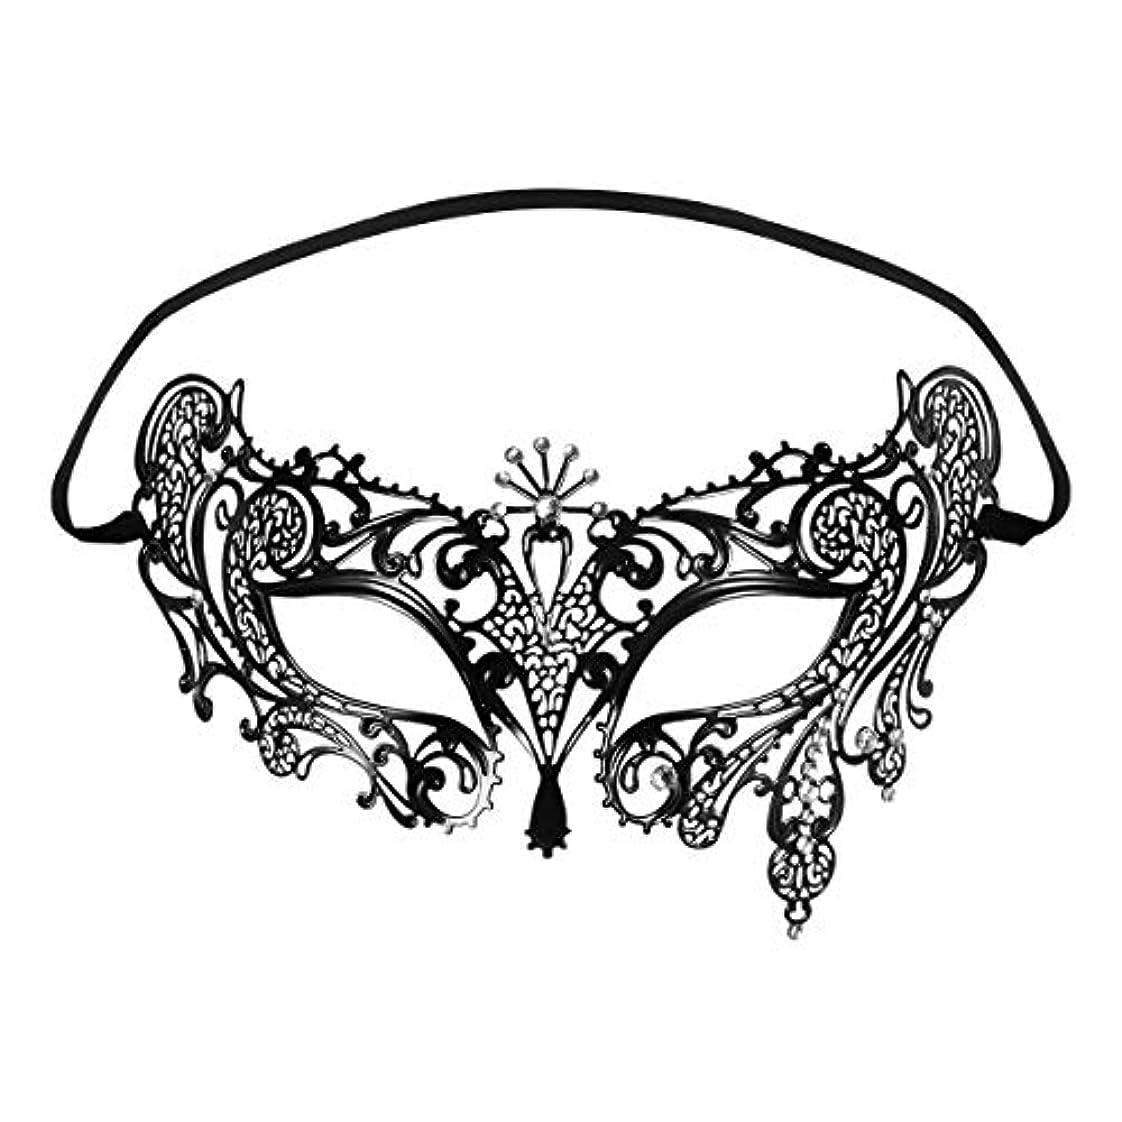 支配的使い込む許されるFoxnovo Foxnovoファッション高級ベネチアンスタイルディアマンテメタルフィリグリー仮装用マスク結婚式/パーティー用(ブラック)